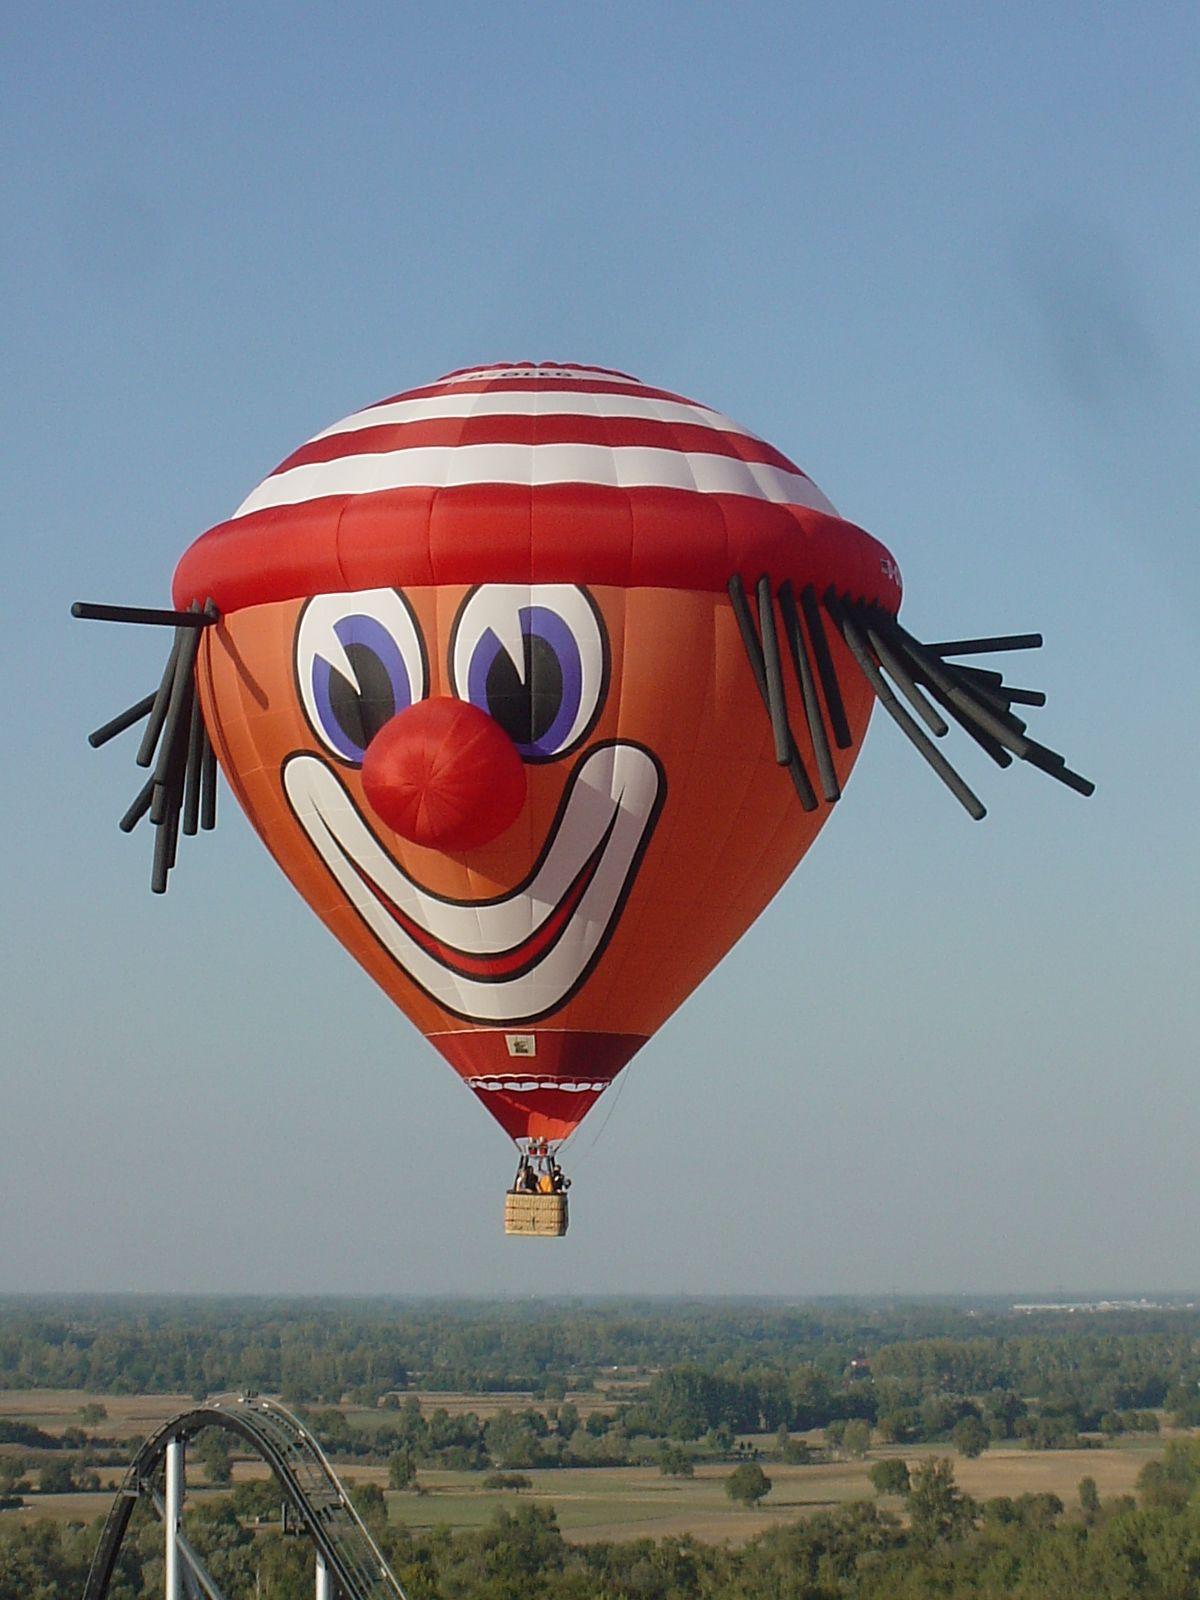 Clown Balloon Air Balloon Festival Hot Air Balloon Clown Balloons